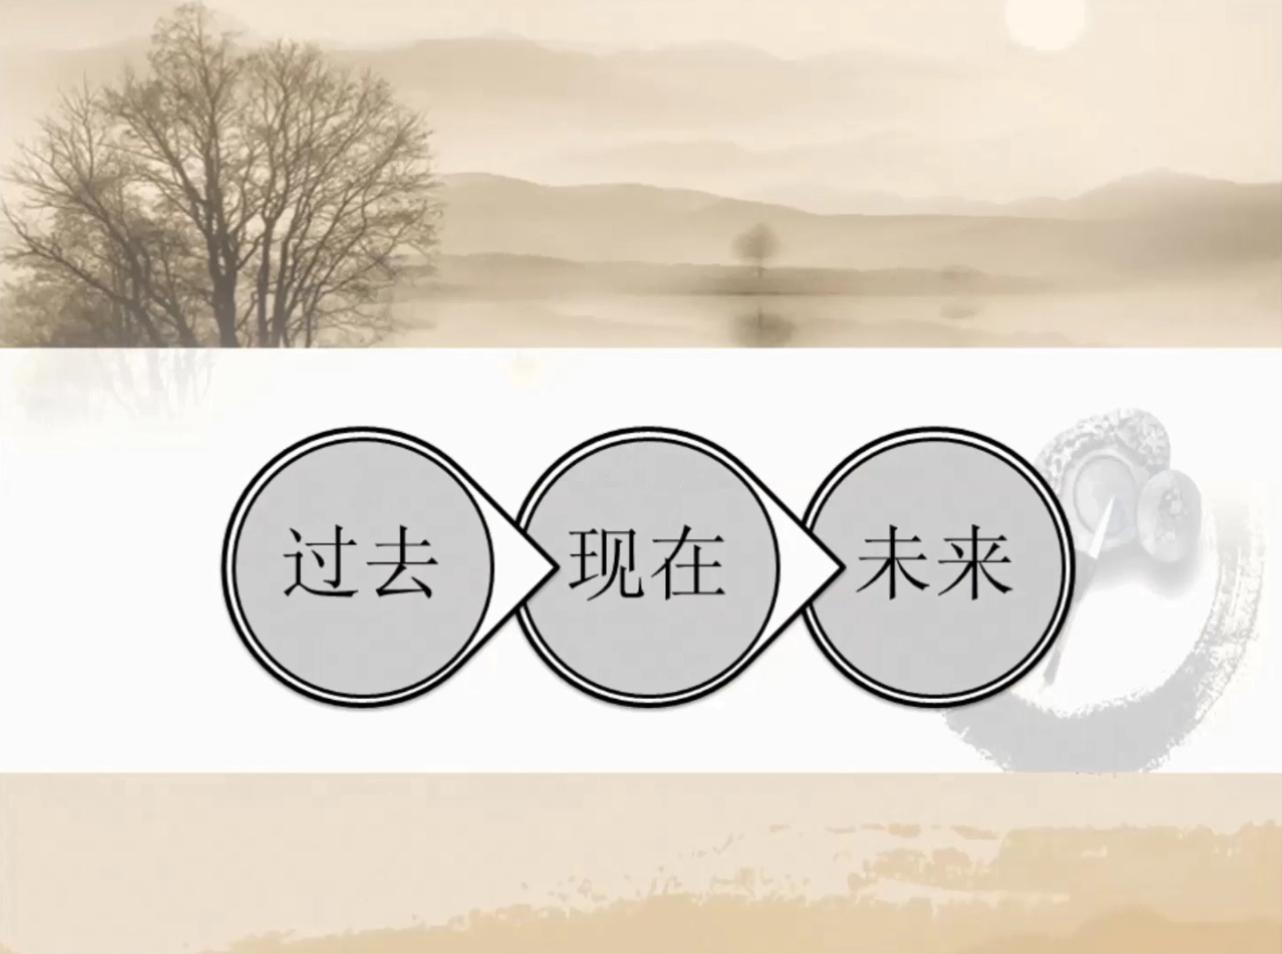 《祖国在心中》 北京师范大学 李茜茜.png